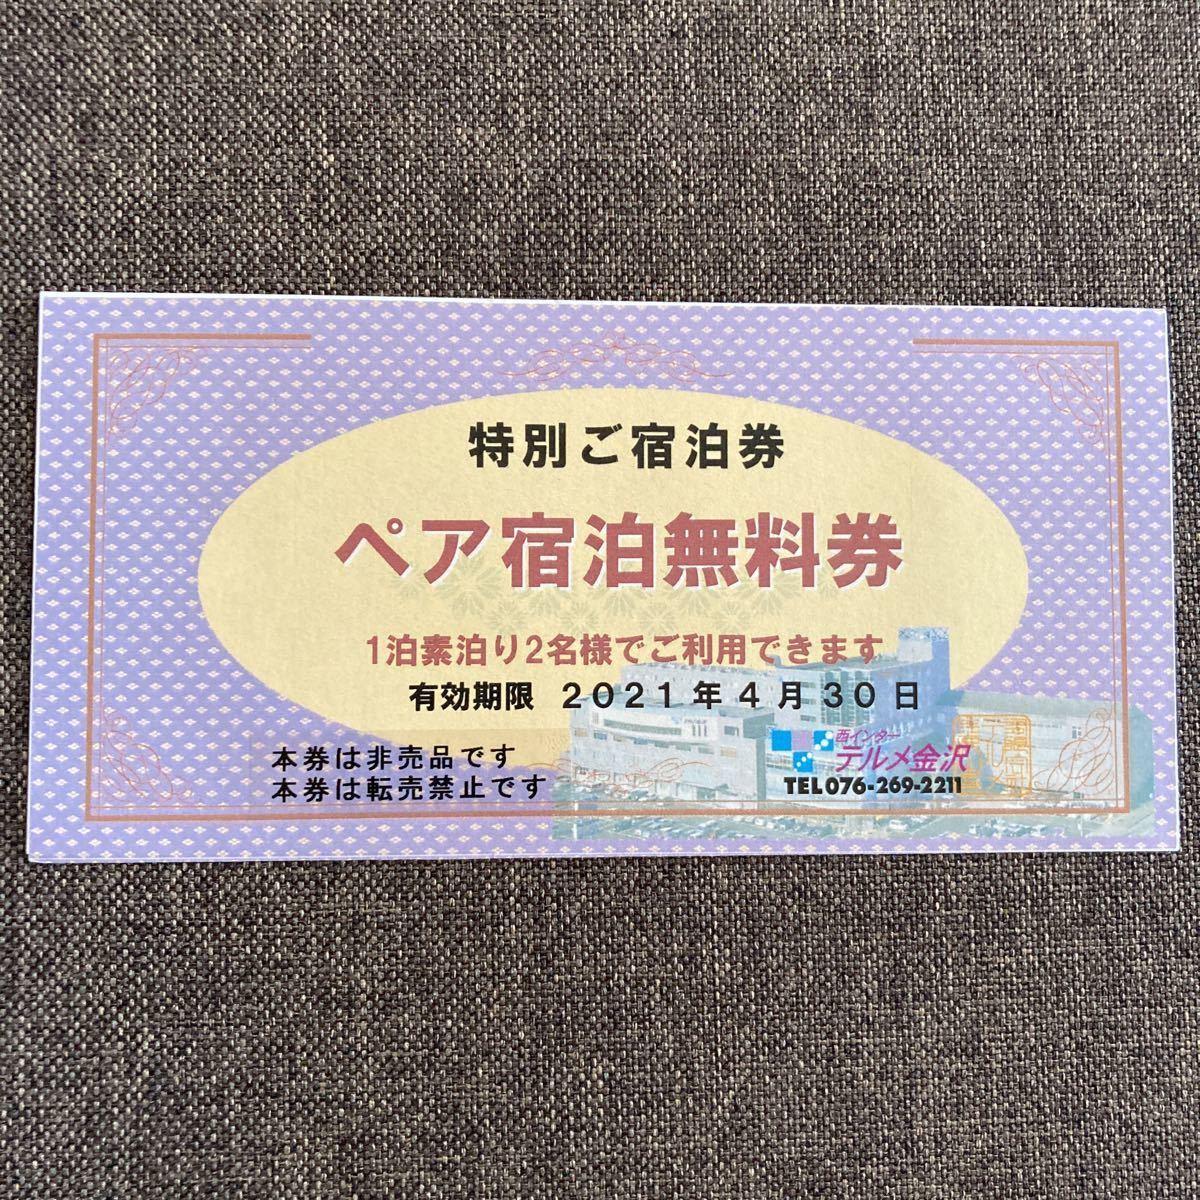 テルメ金沢 ペア宿泊無料券_画像1